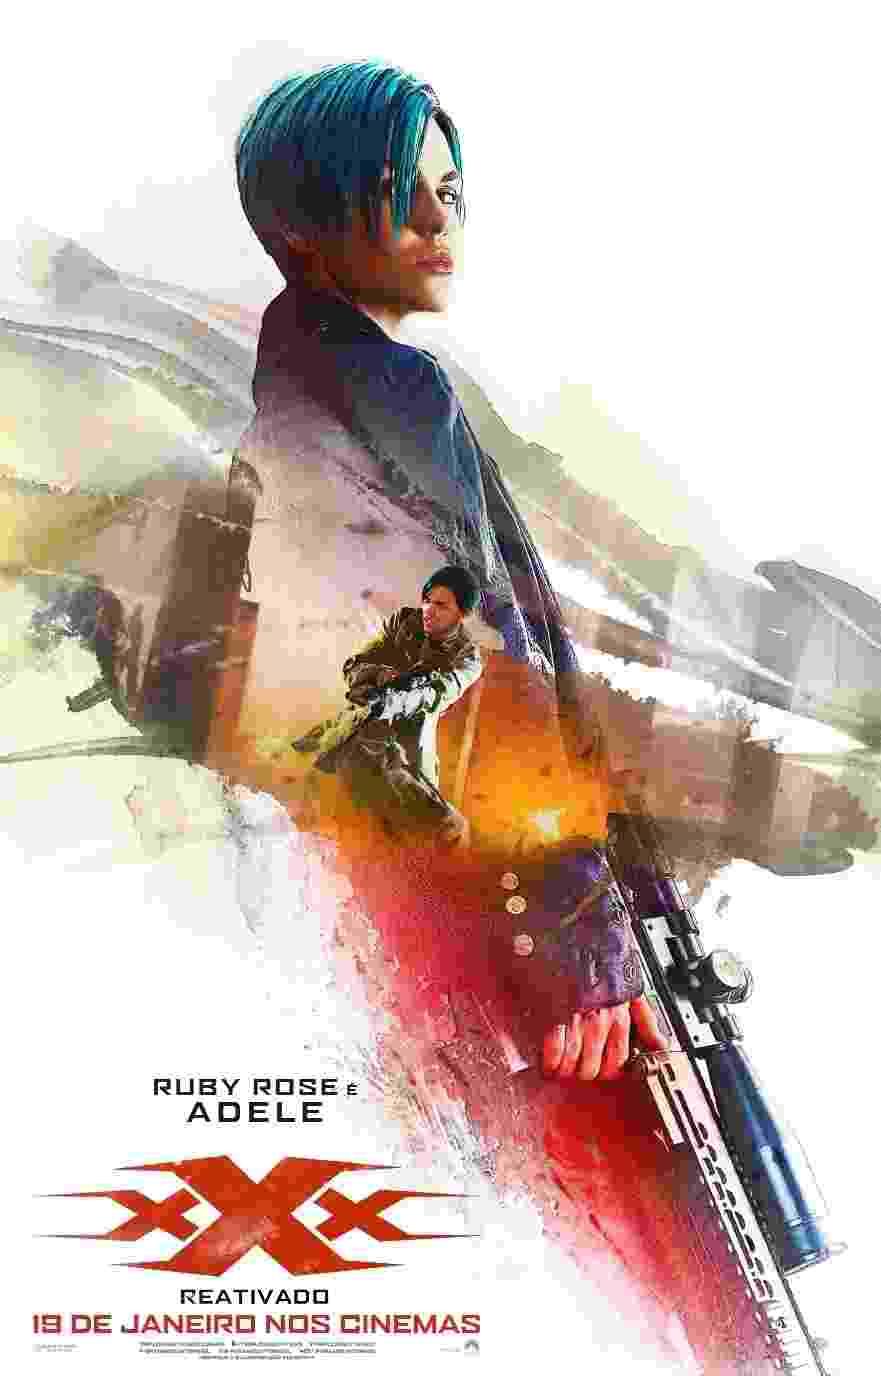 """Cartaz do filme """"XxX Reativado"""", com Ruby Rose interpretando o personagem Adele. O filme tem previsão de estreia para 18 de janeiro - Divulgação"""